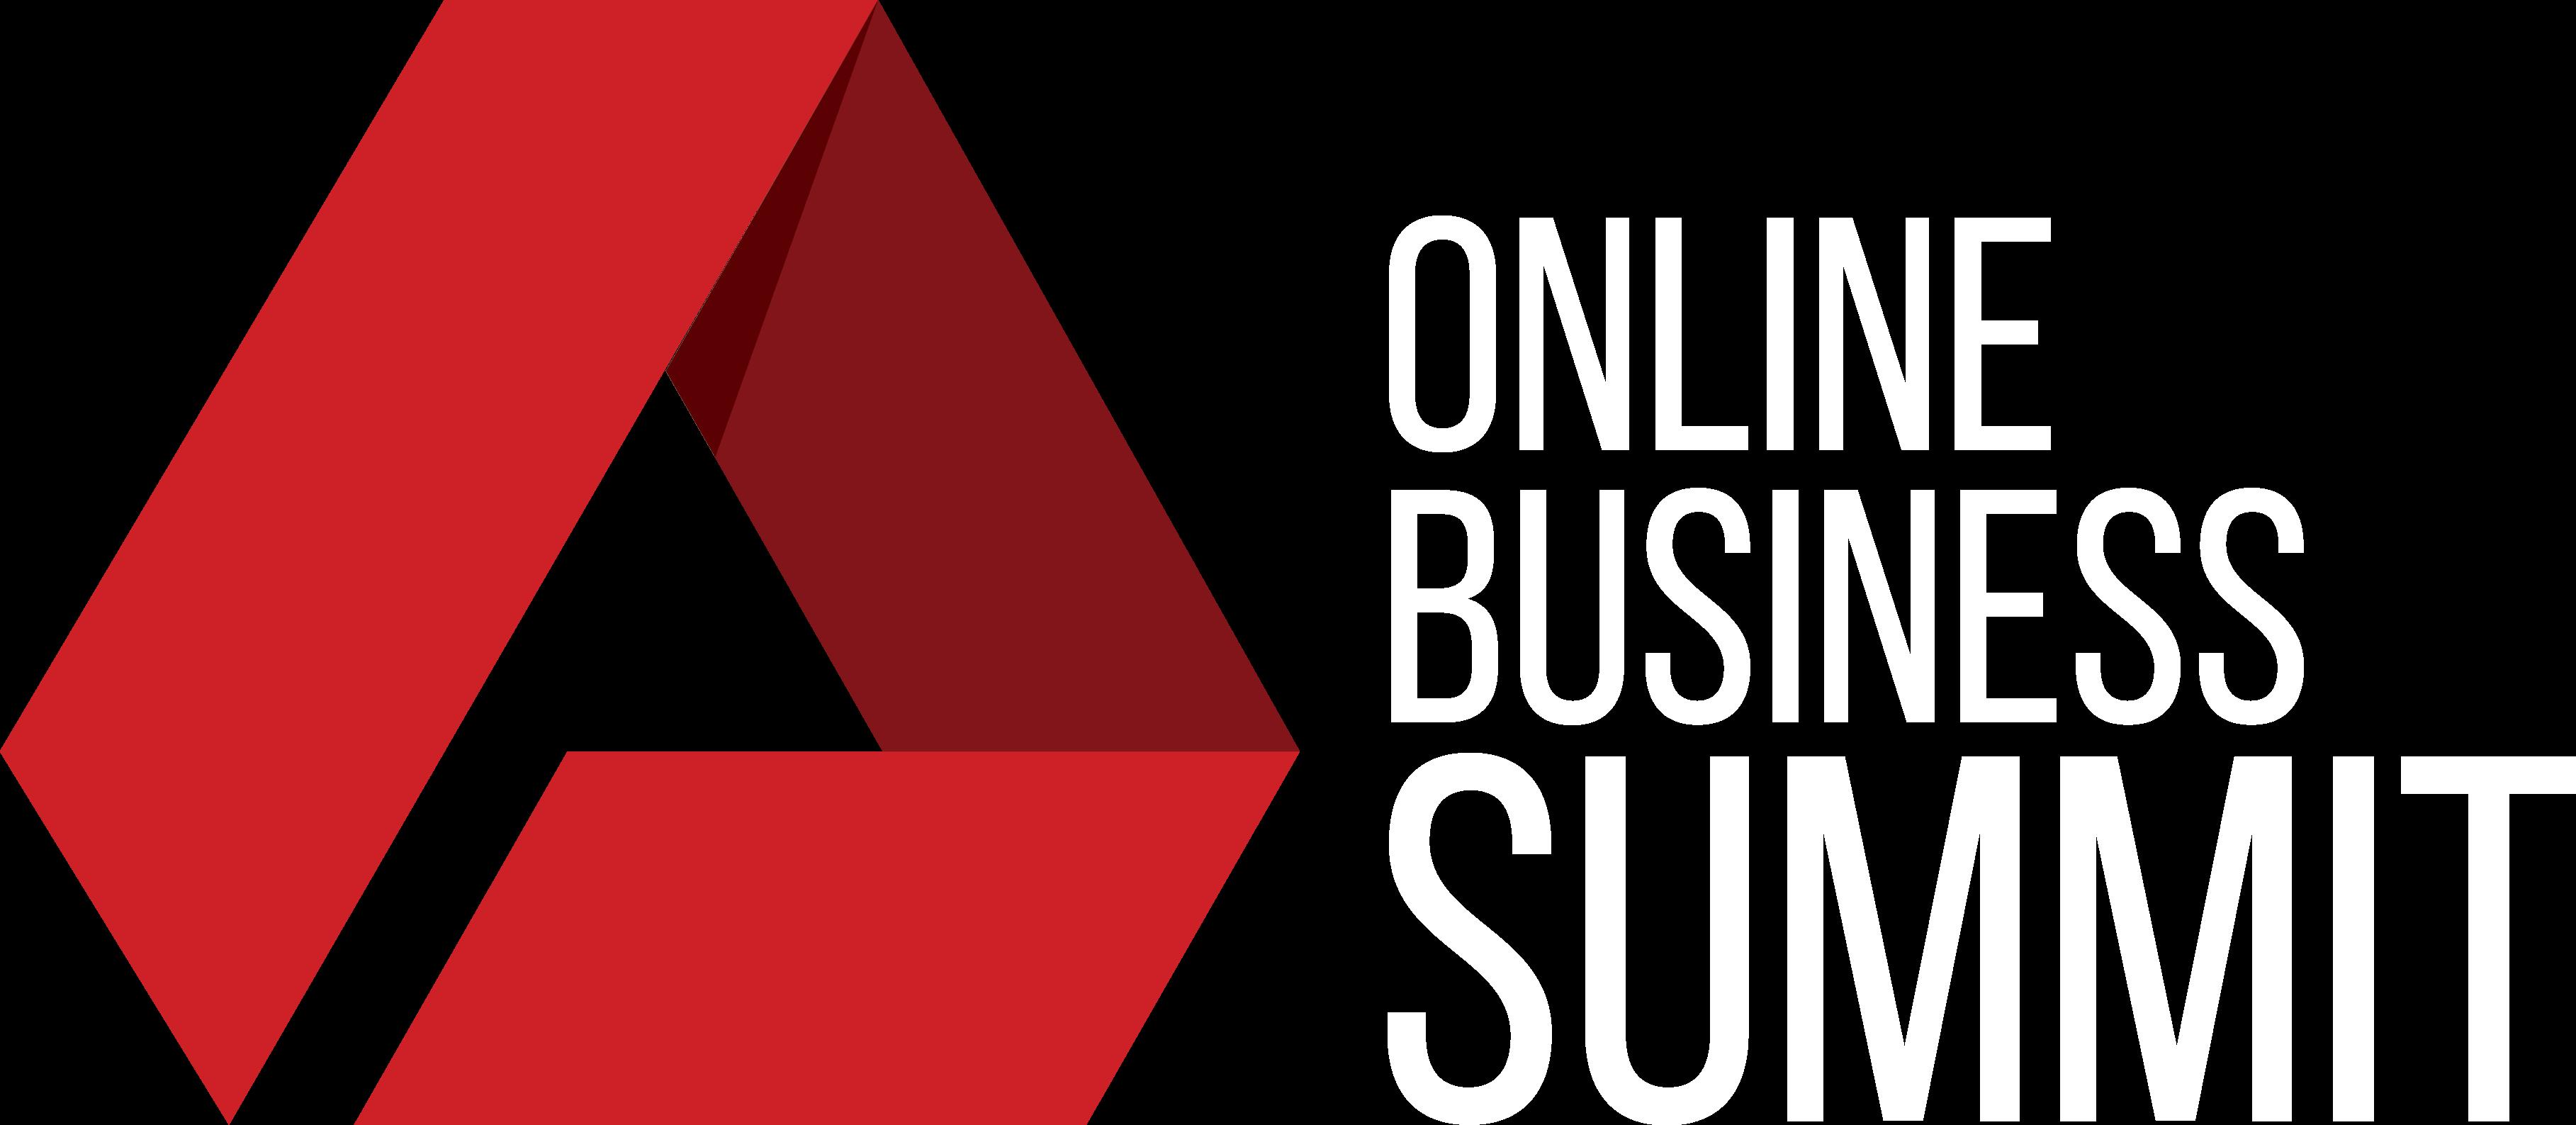 Online Business Summit